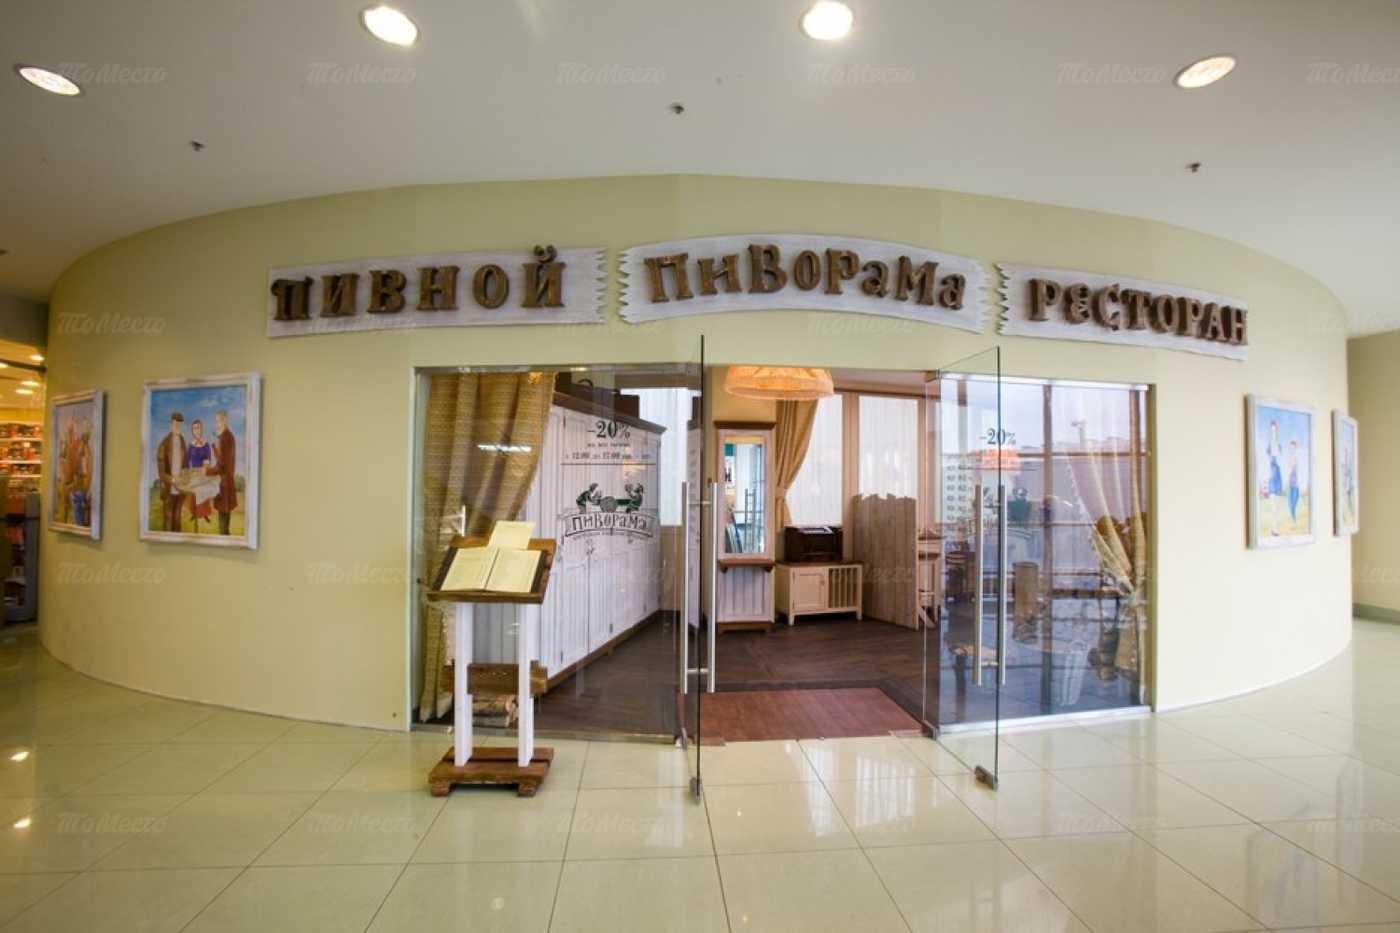 Меню пивного ресторана Пиворама в Большевикове